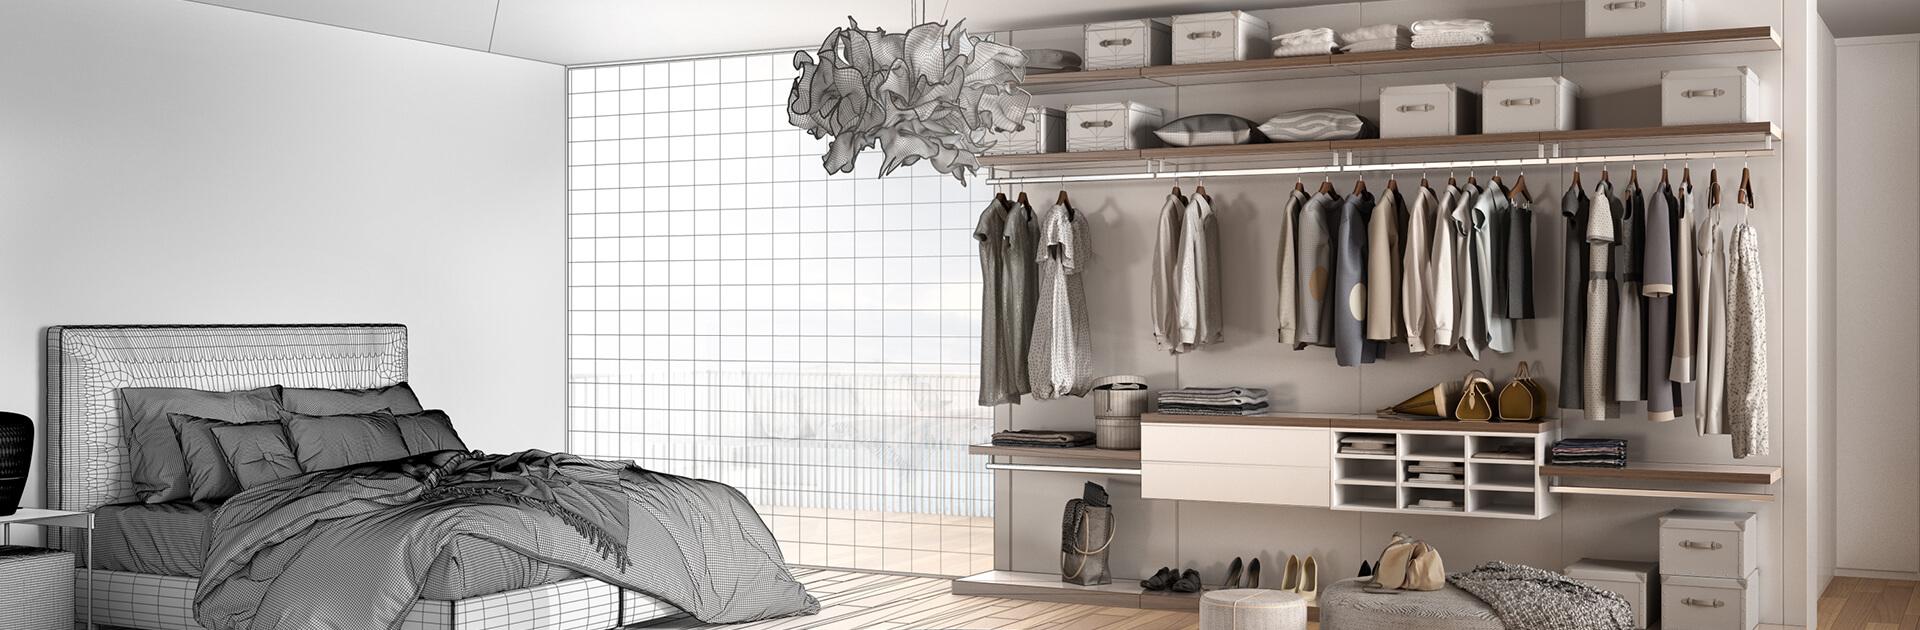 Projekt graficzny szafy na wymiar indeco